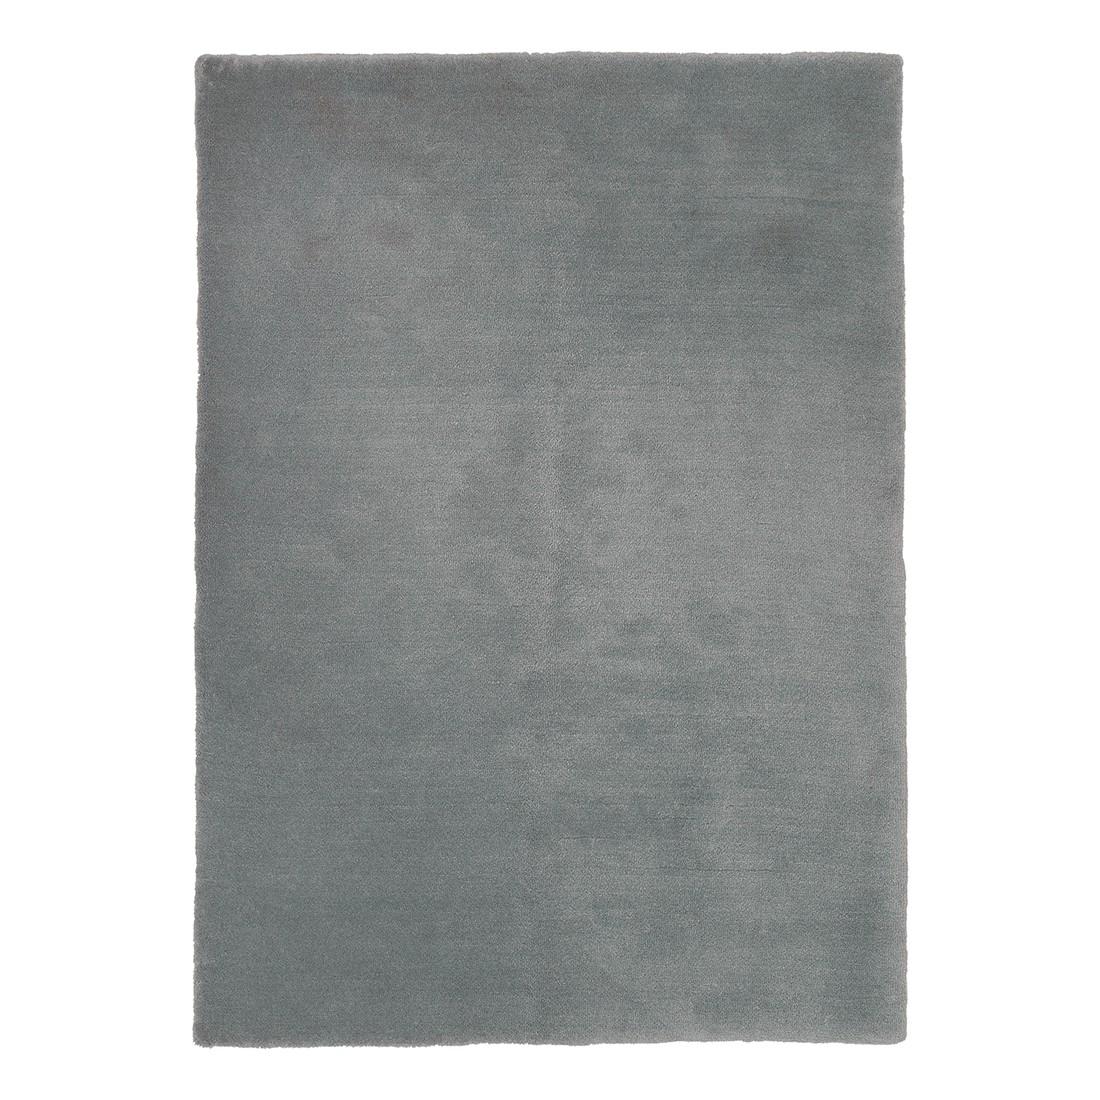 teppich montra grau 90 x 160 cm sch ner wohnen kollektion g nstig online kaufen. Black Bedroom Furniture Sets. Home Design Ideas